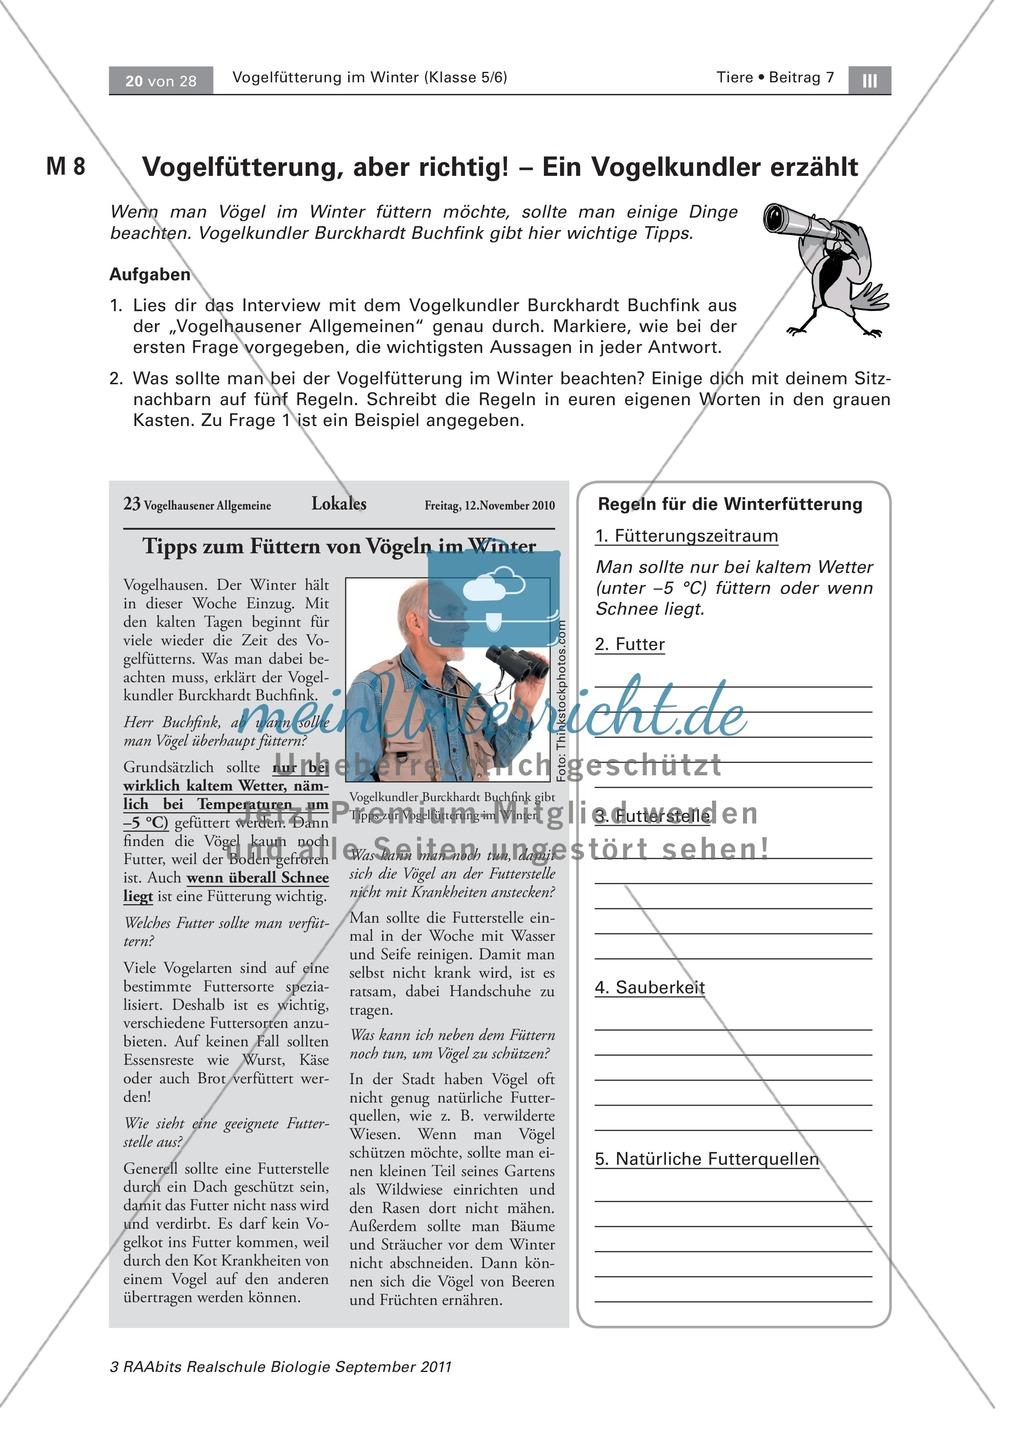 Meinungsbildung zur Vogelfütterung im Winter: Placemat, Fragen Preview 5